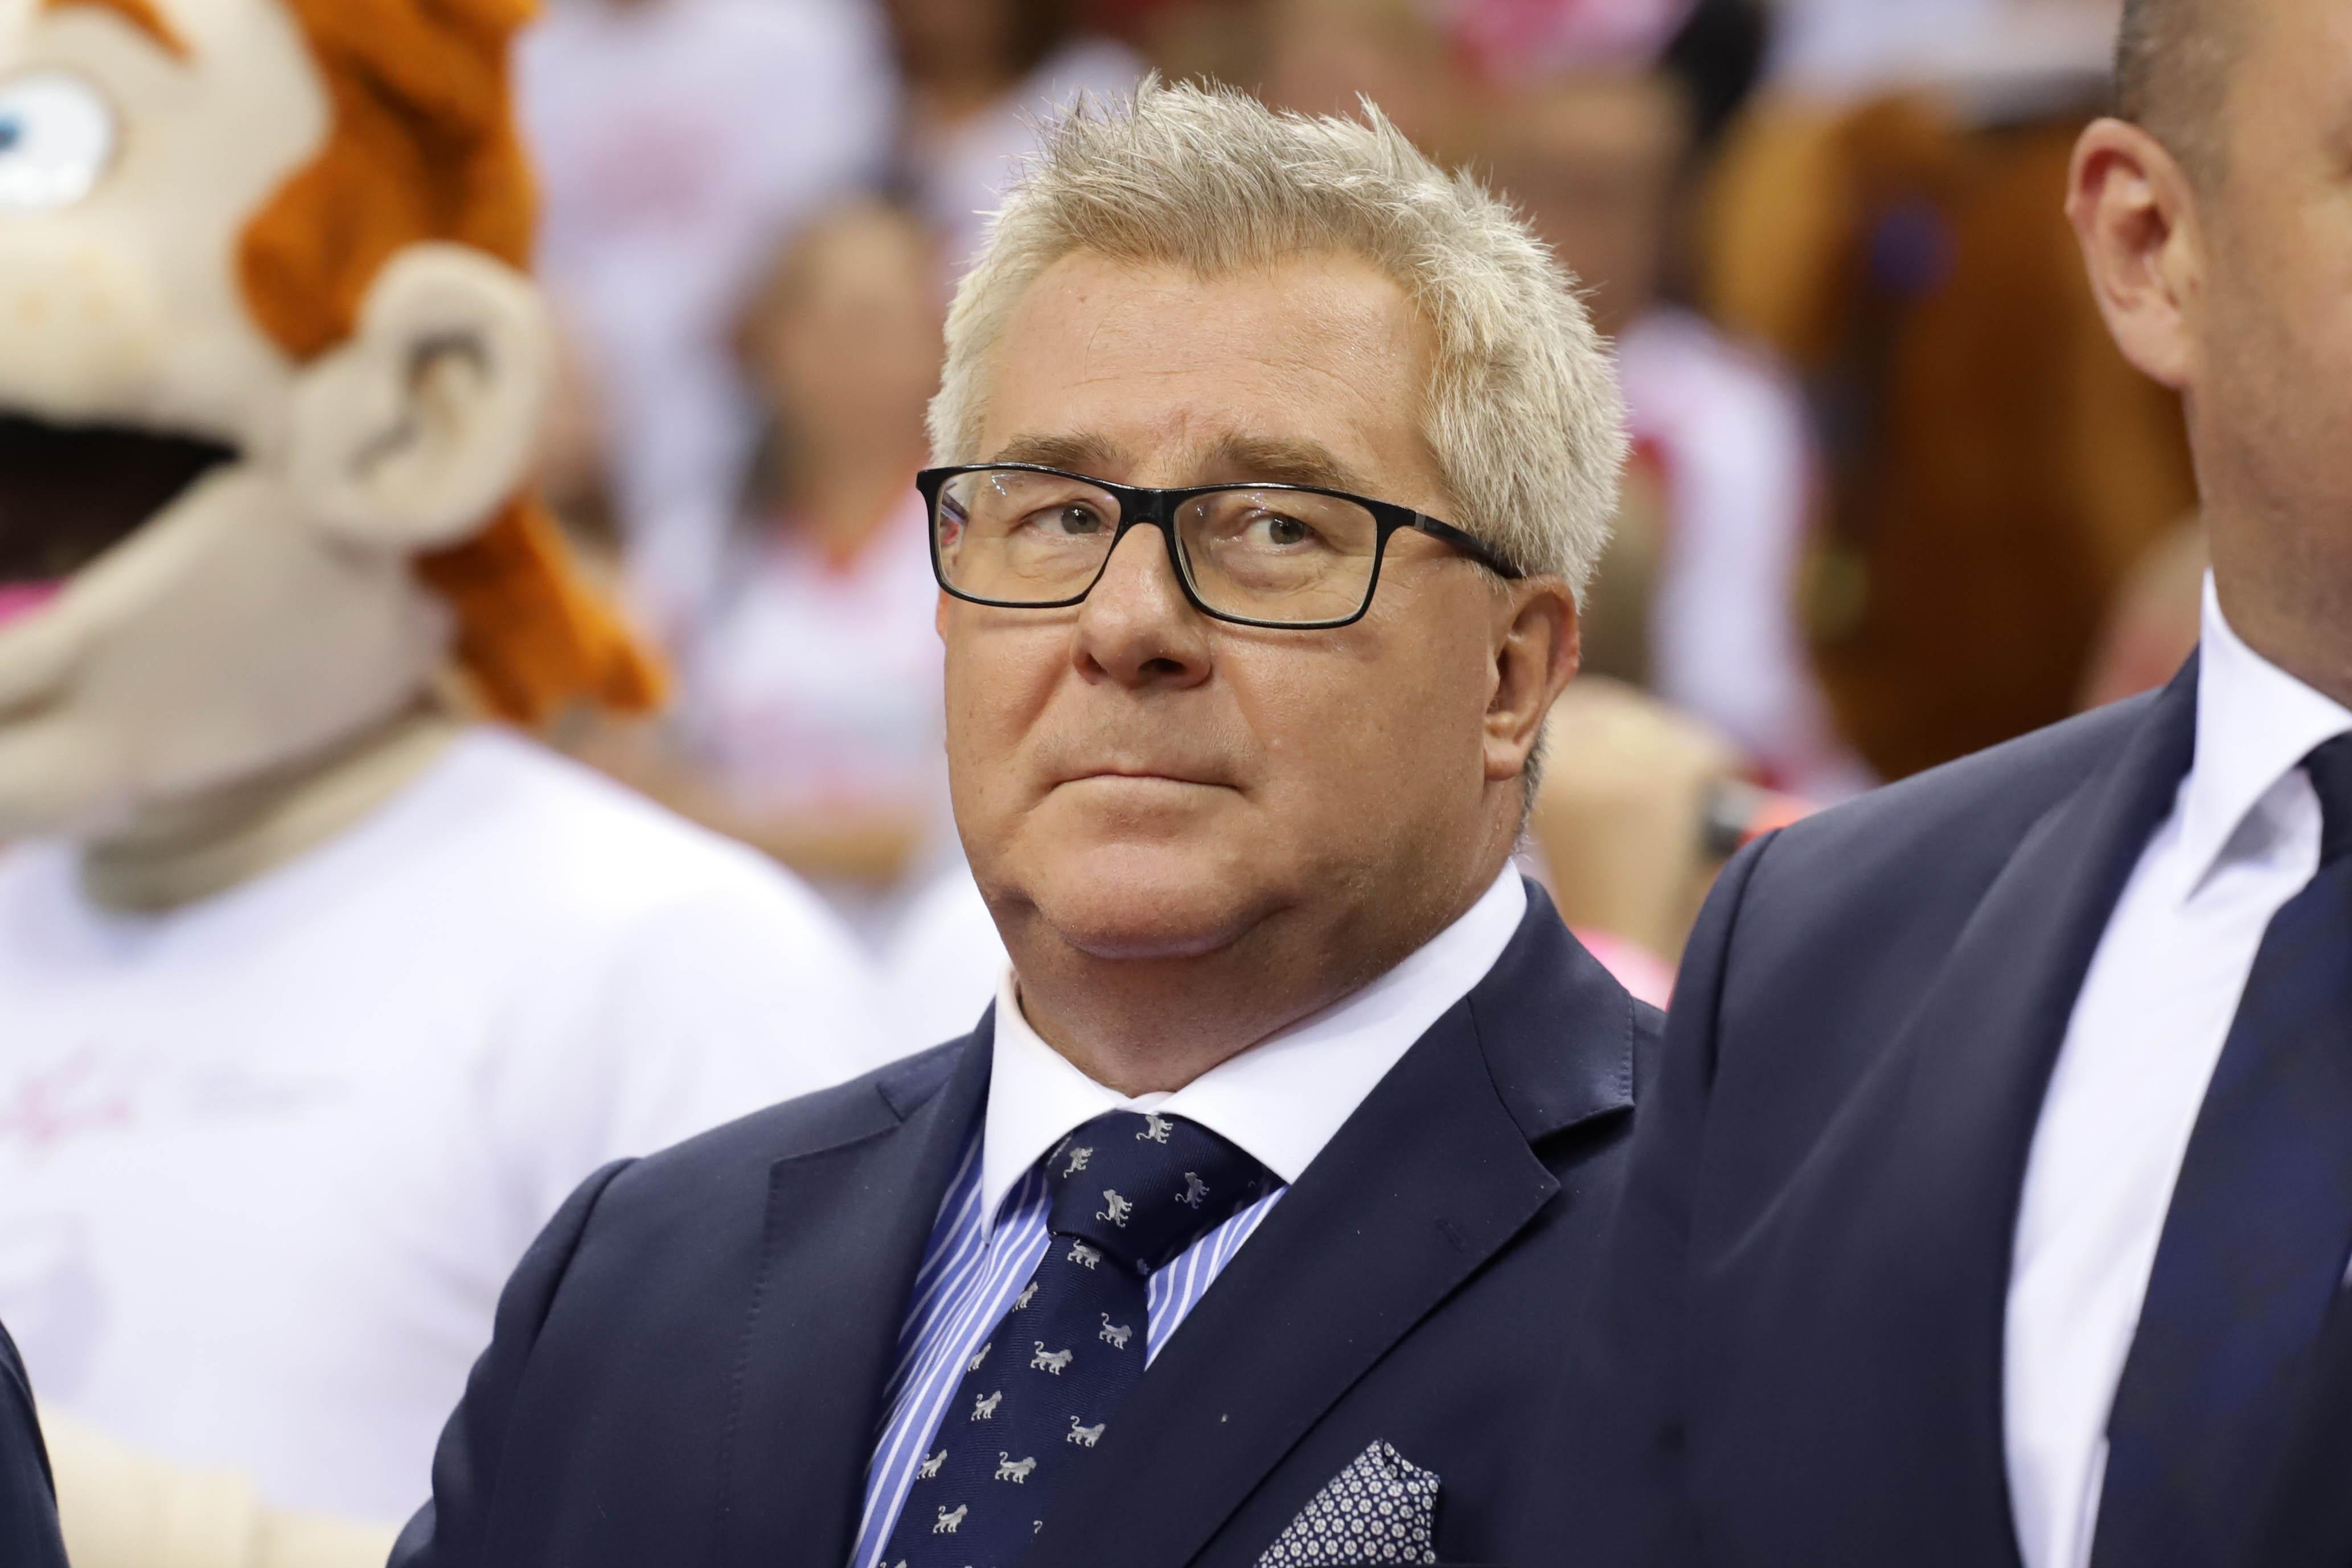 Siatkówka. Ryszard Czarnecki nowym prezesem PZPS? Szybko rozwiał wątpliwości - Sport WP SportoweFakty